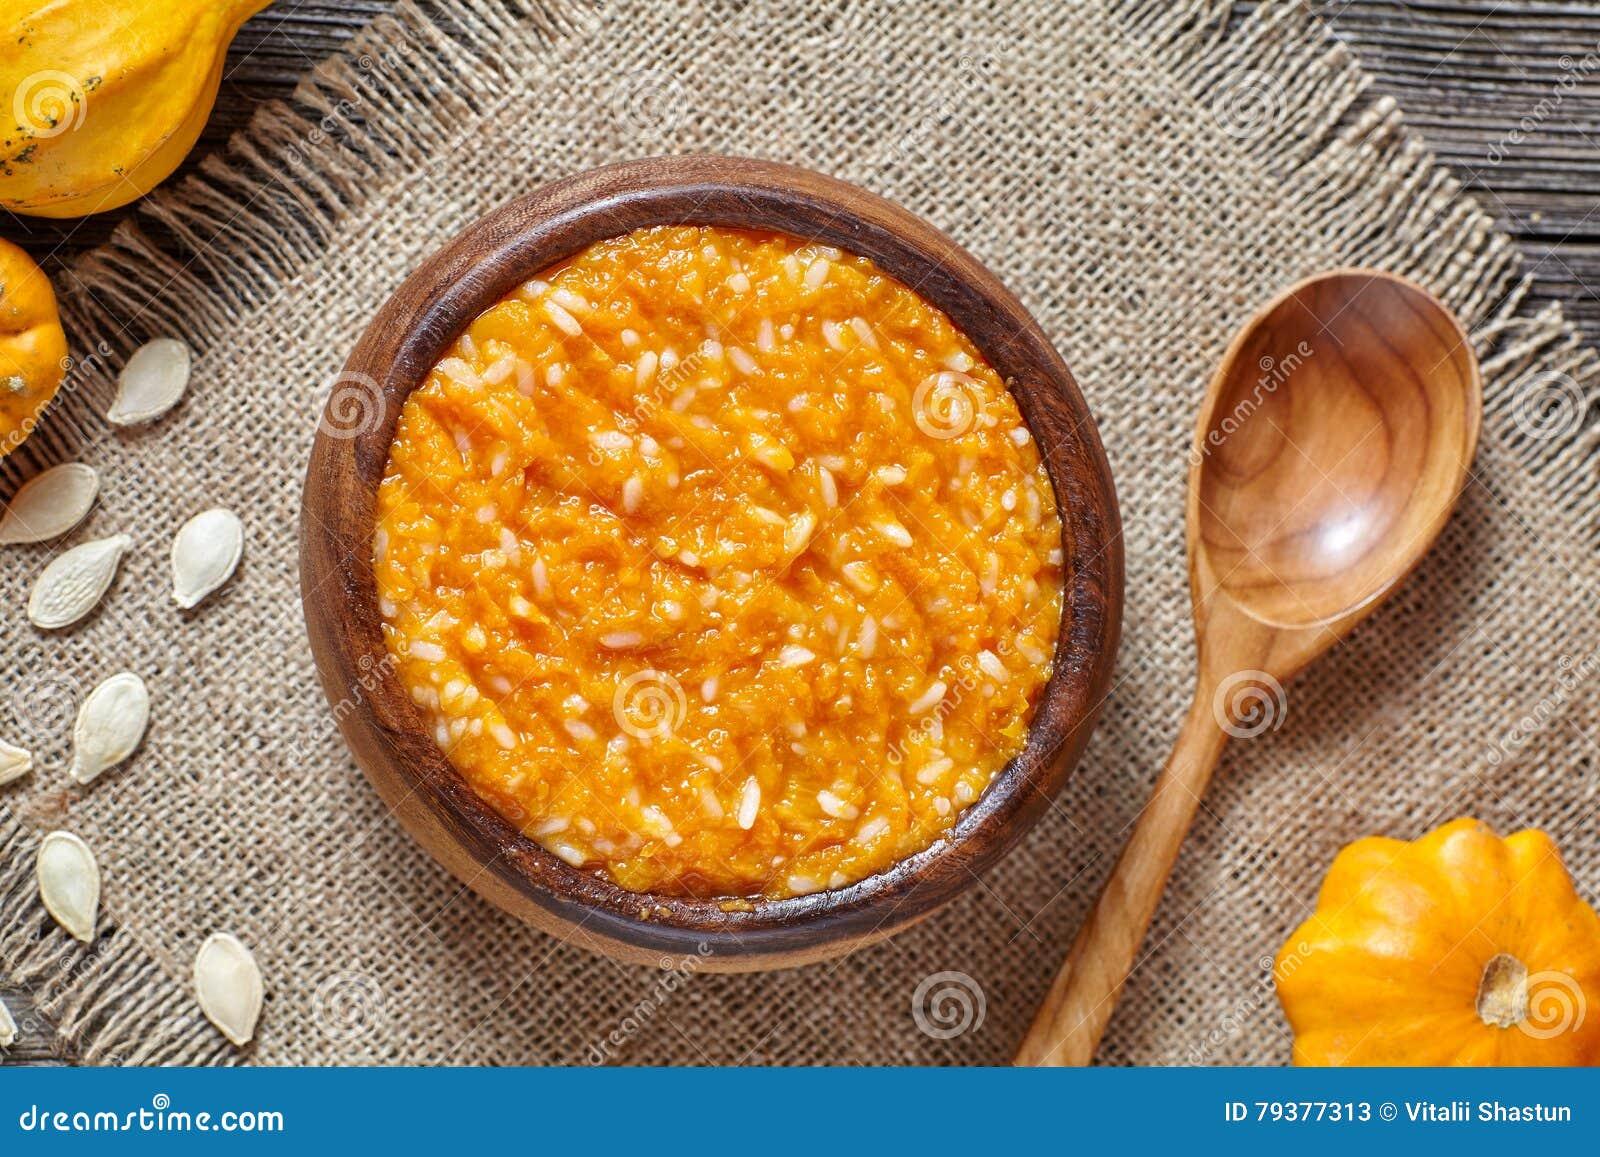 El dulce hecho en casa de la calabaza del arroz de las gachas de avena del desayuno estacional tradicional del pudín coció el pos